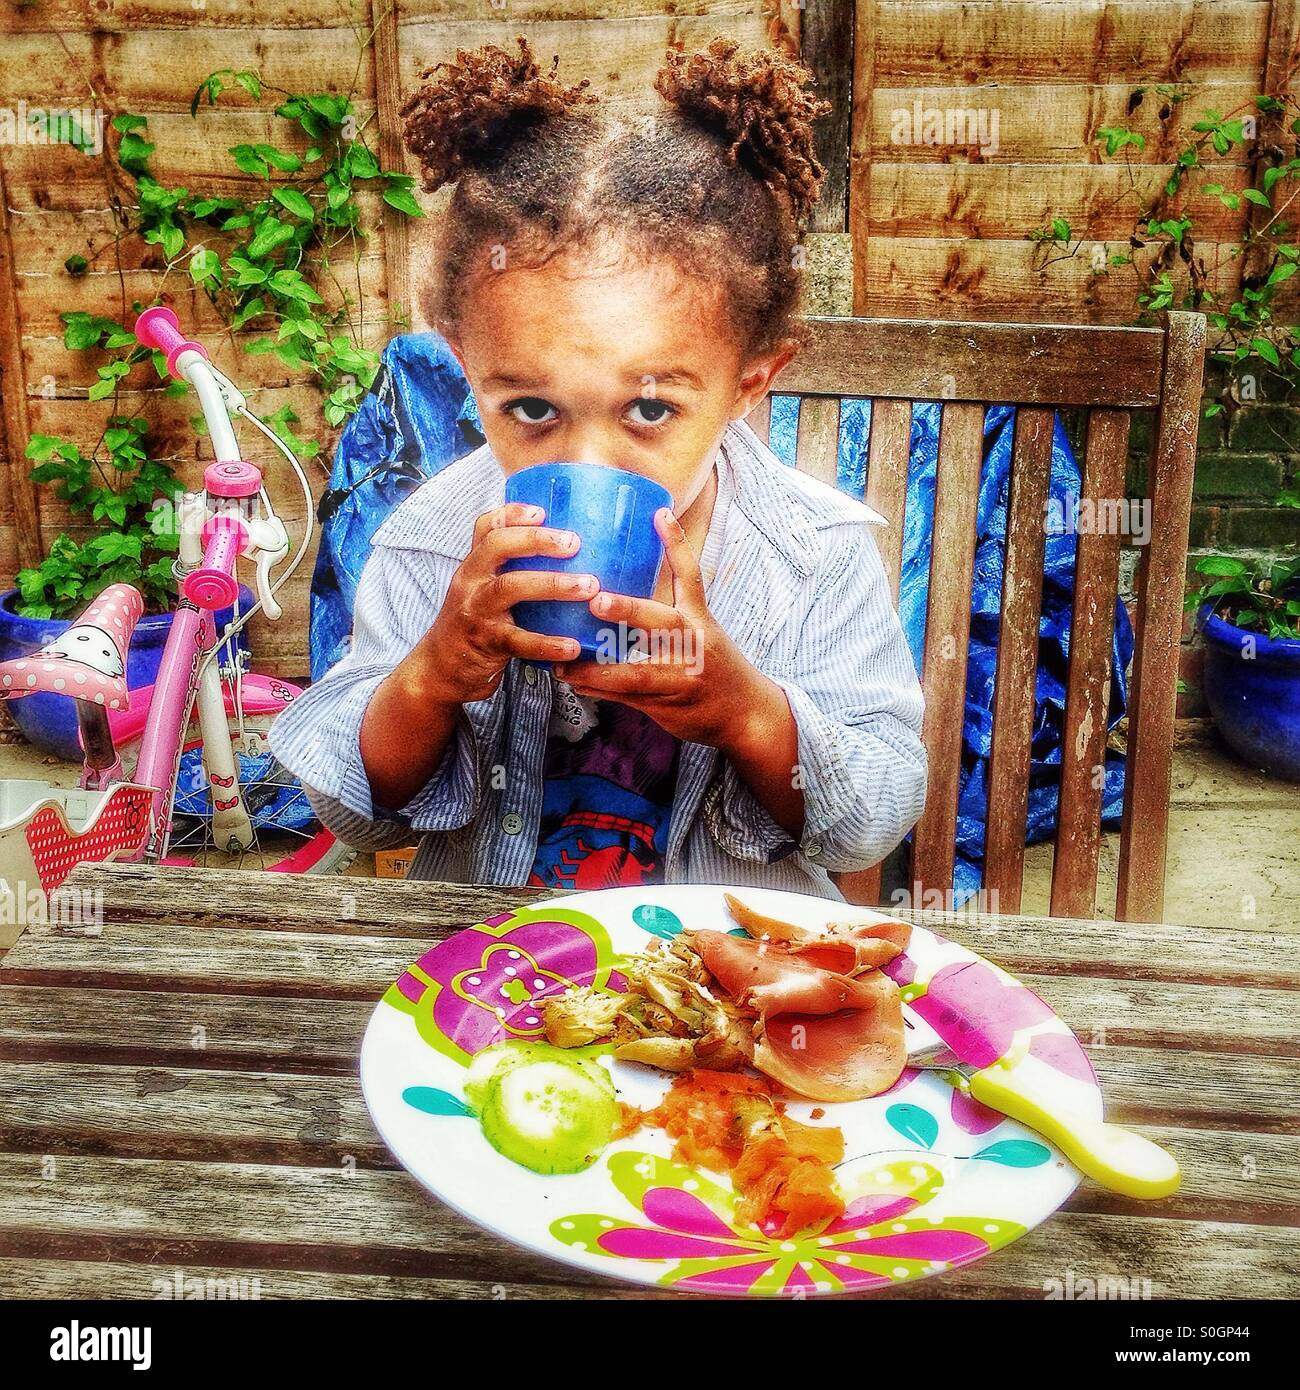 Un enfant a un repas dans le jardin. Photo Stock